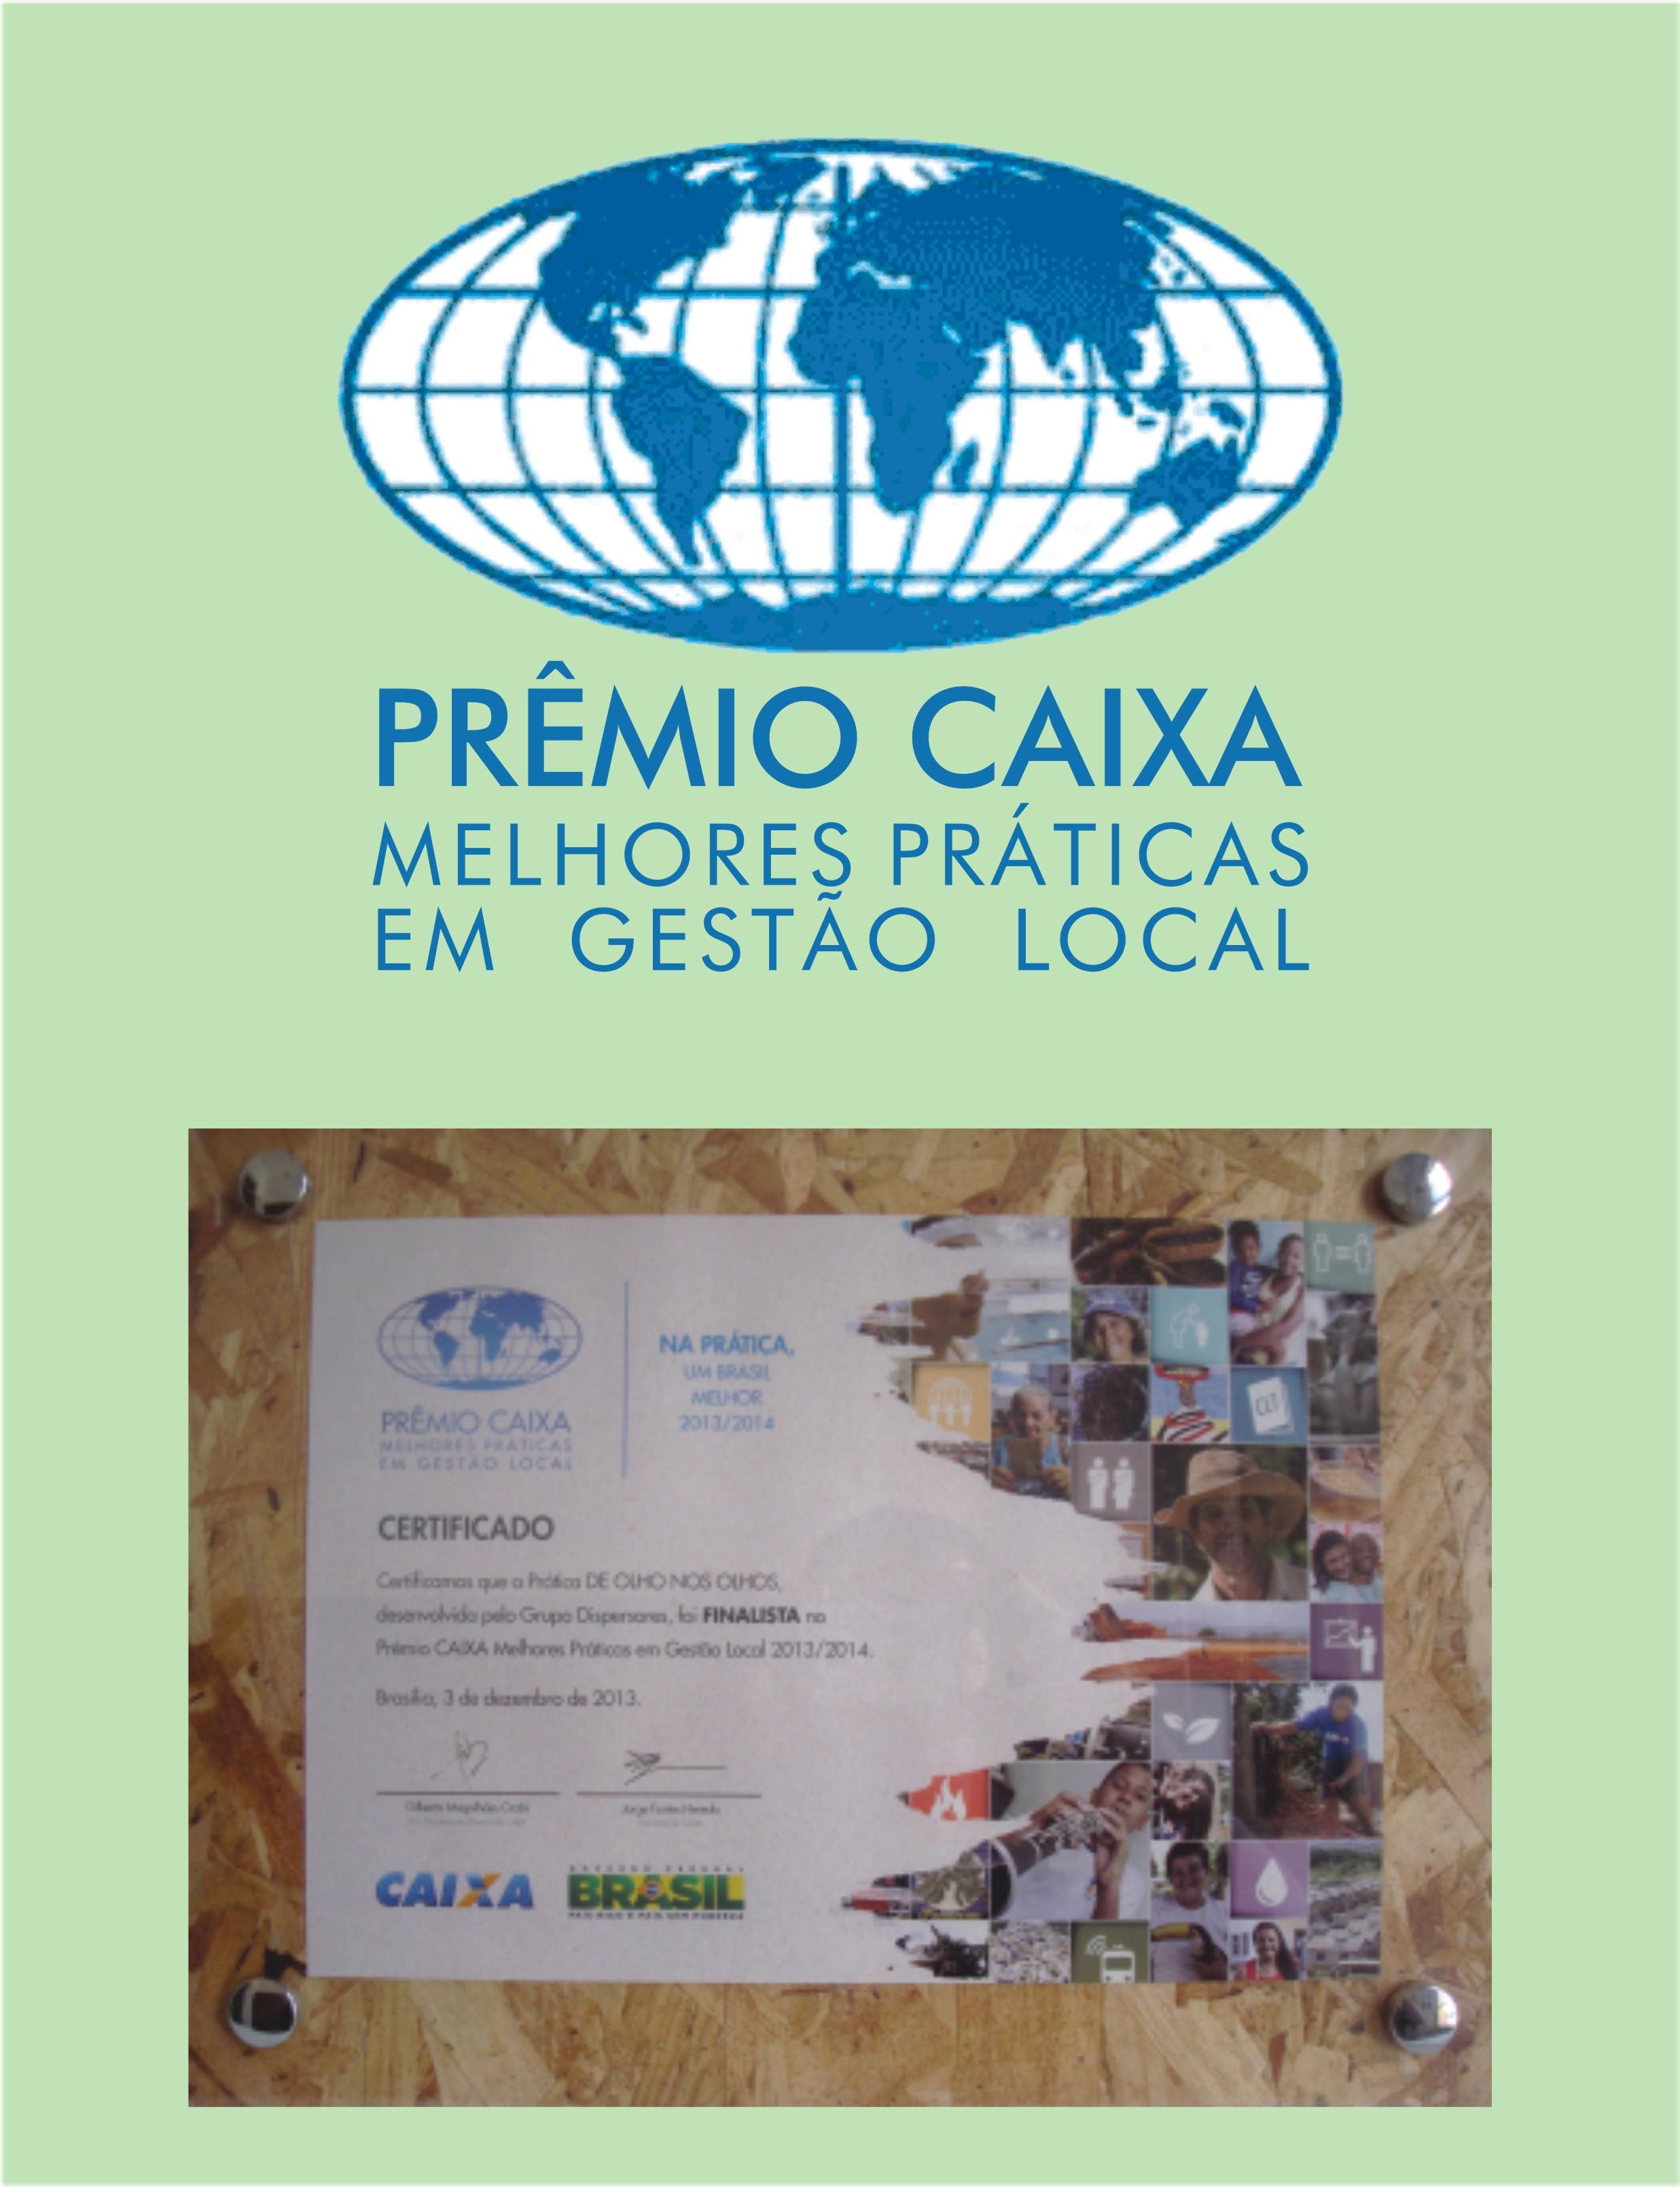 CAIXA Melhores Práticas Award